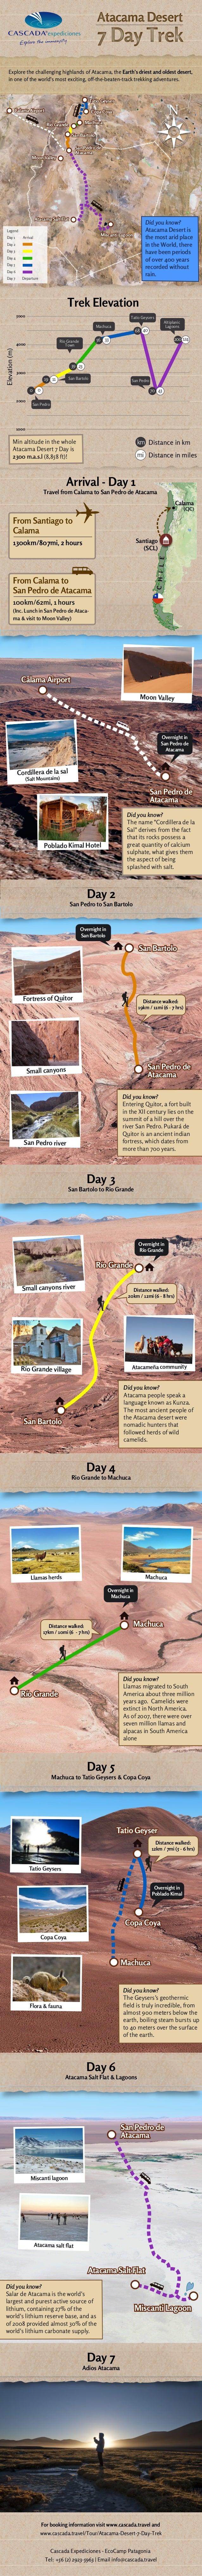 Machuca Copa CoyaCopa Coya Machuca San Bartolo Tatio Geyser San Pedro de Atacama Moon Valley Calama Airport Atacama Salt F...